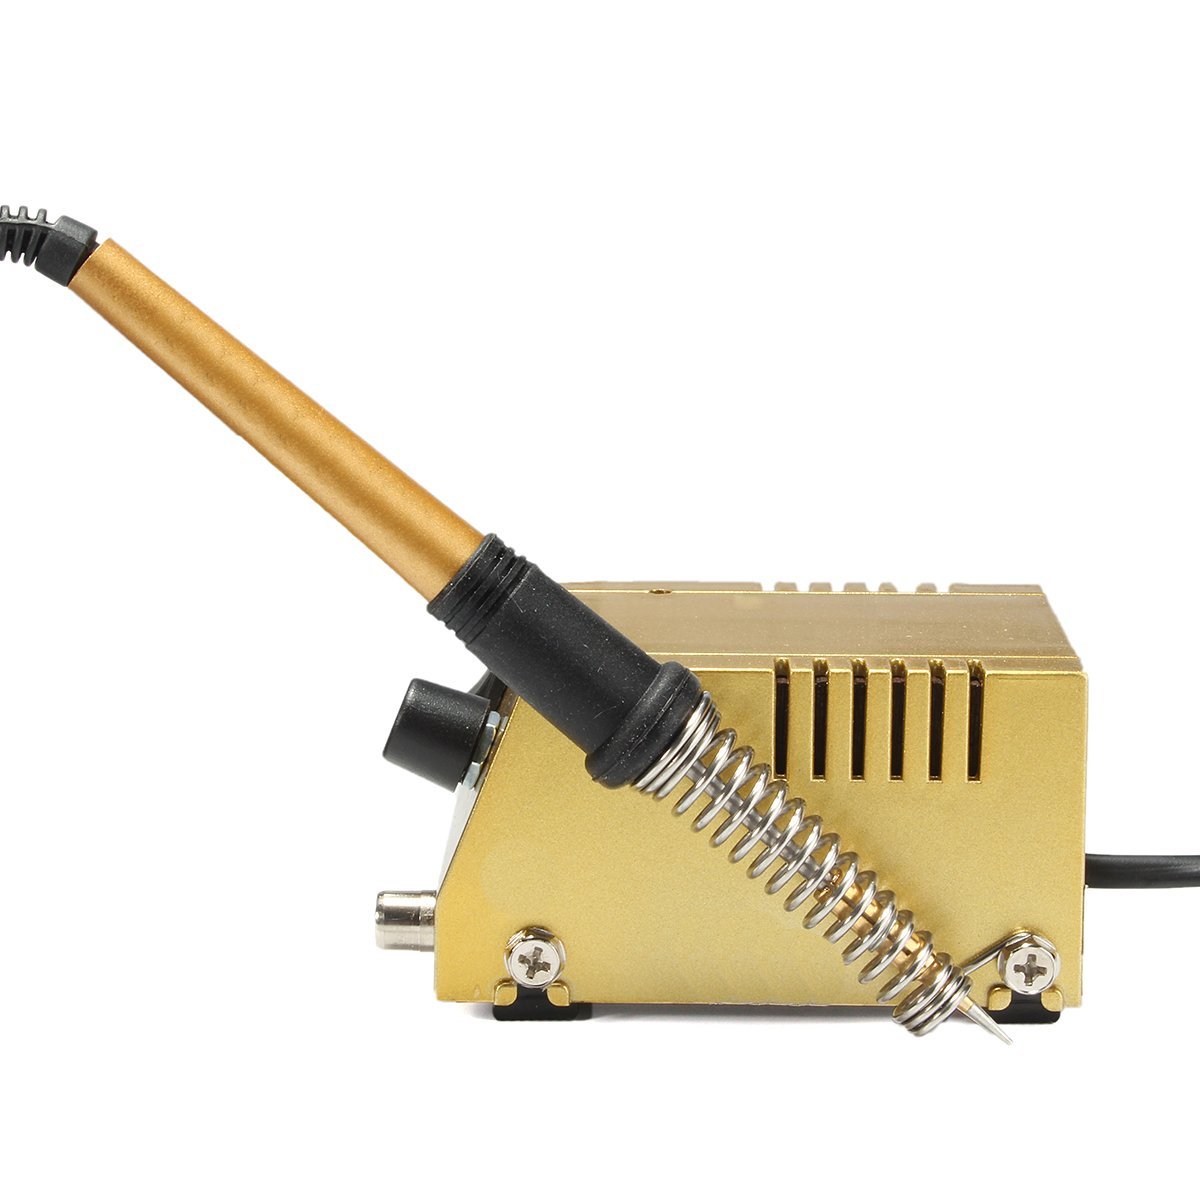 Mini Estación de Soldadura,GOCHANGE 936I 220V 18W Anti Estático Termostato Eléctrico de Soldadura: Amazon.es: Bricolaje y herramientas